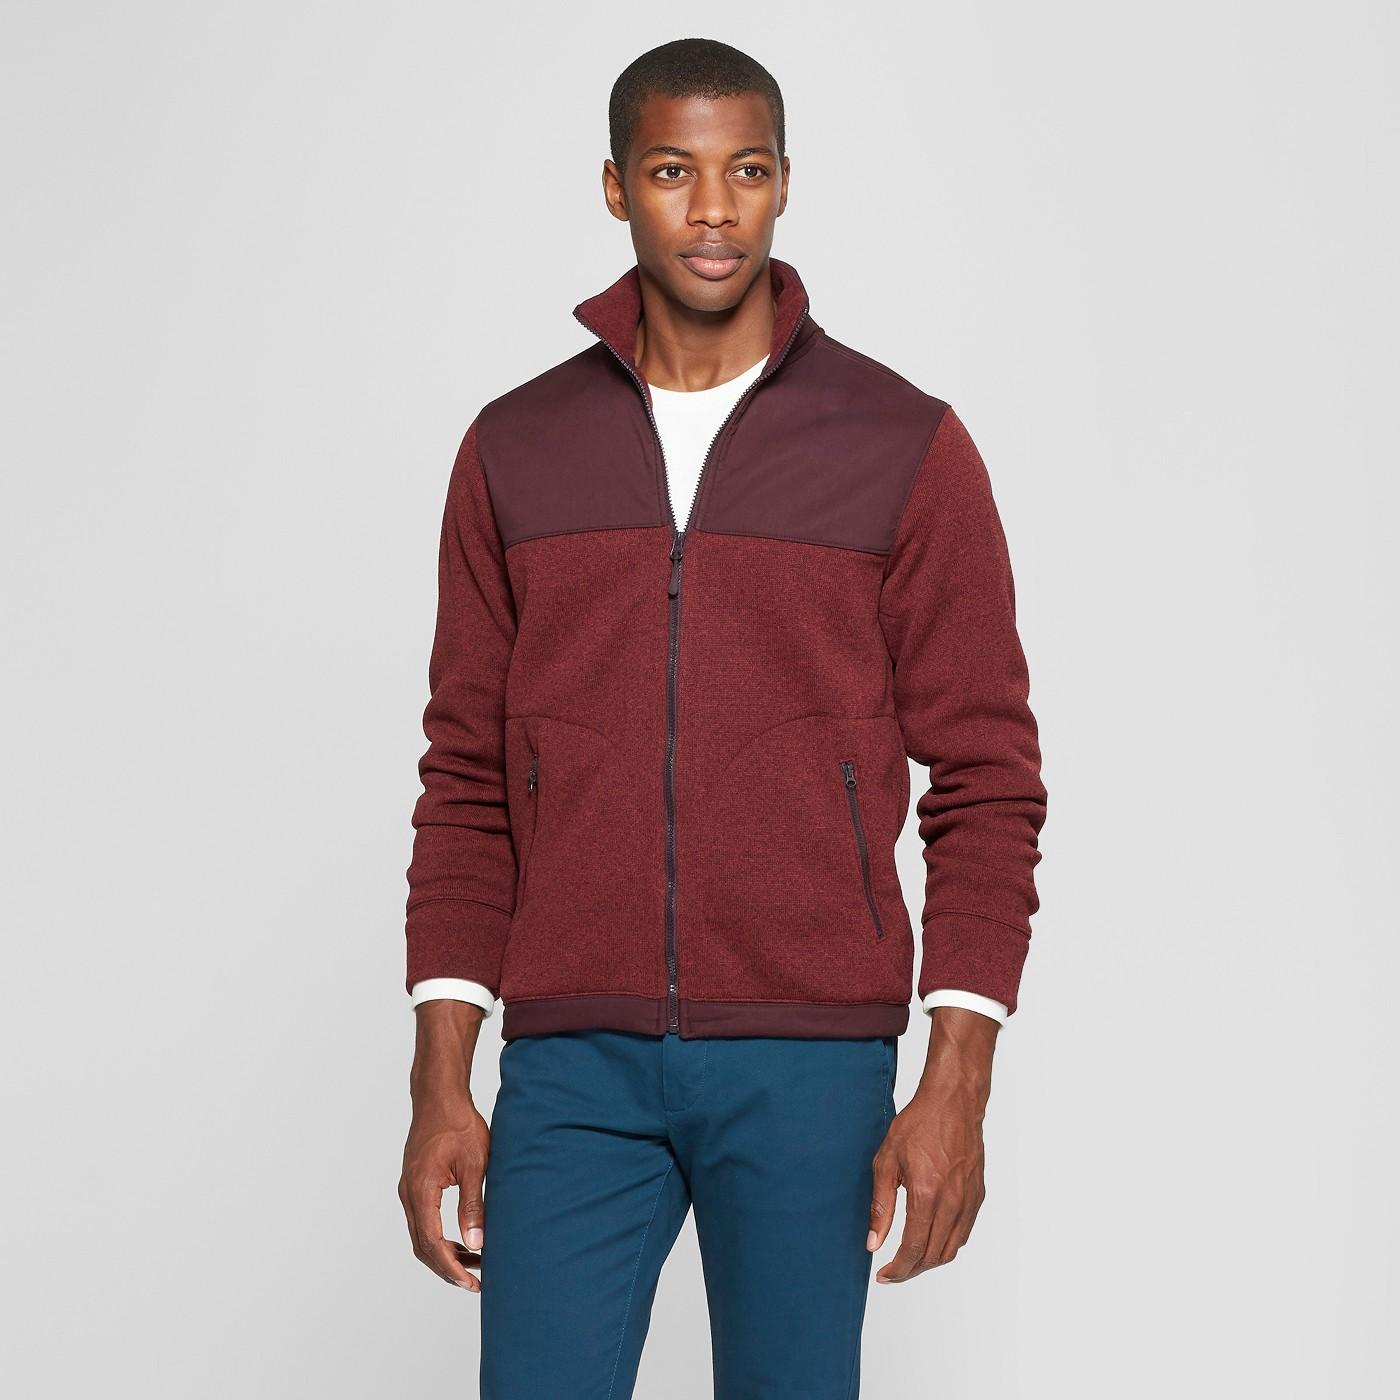 Goodfellow & Co Mens Standard Fit Long Sleeve Fleece Zip-Up Sweater